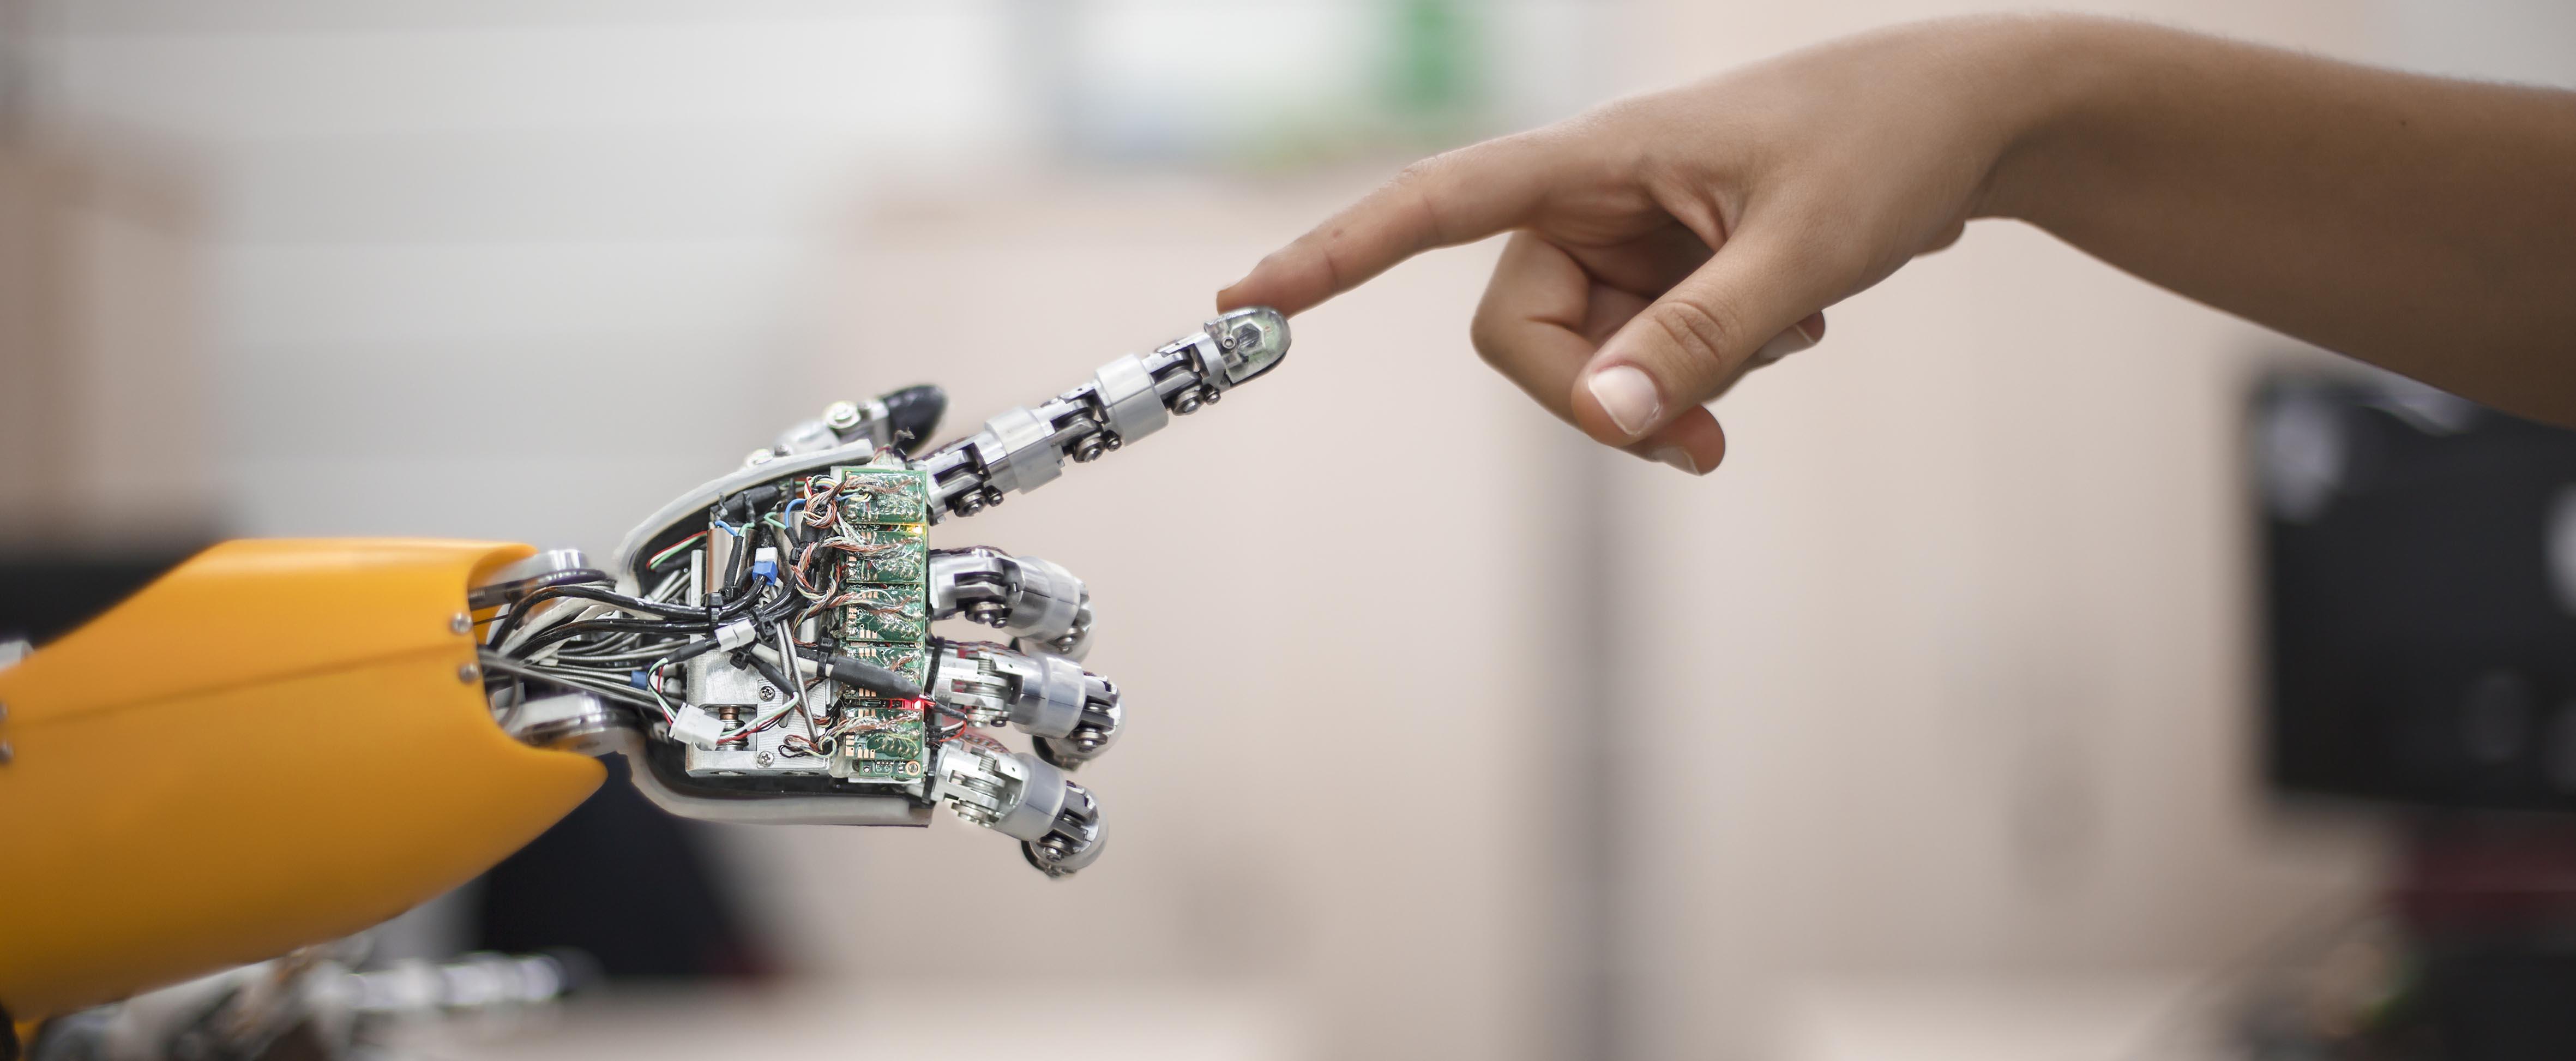 robot-to-human-1